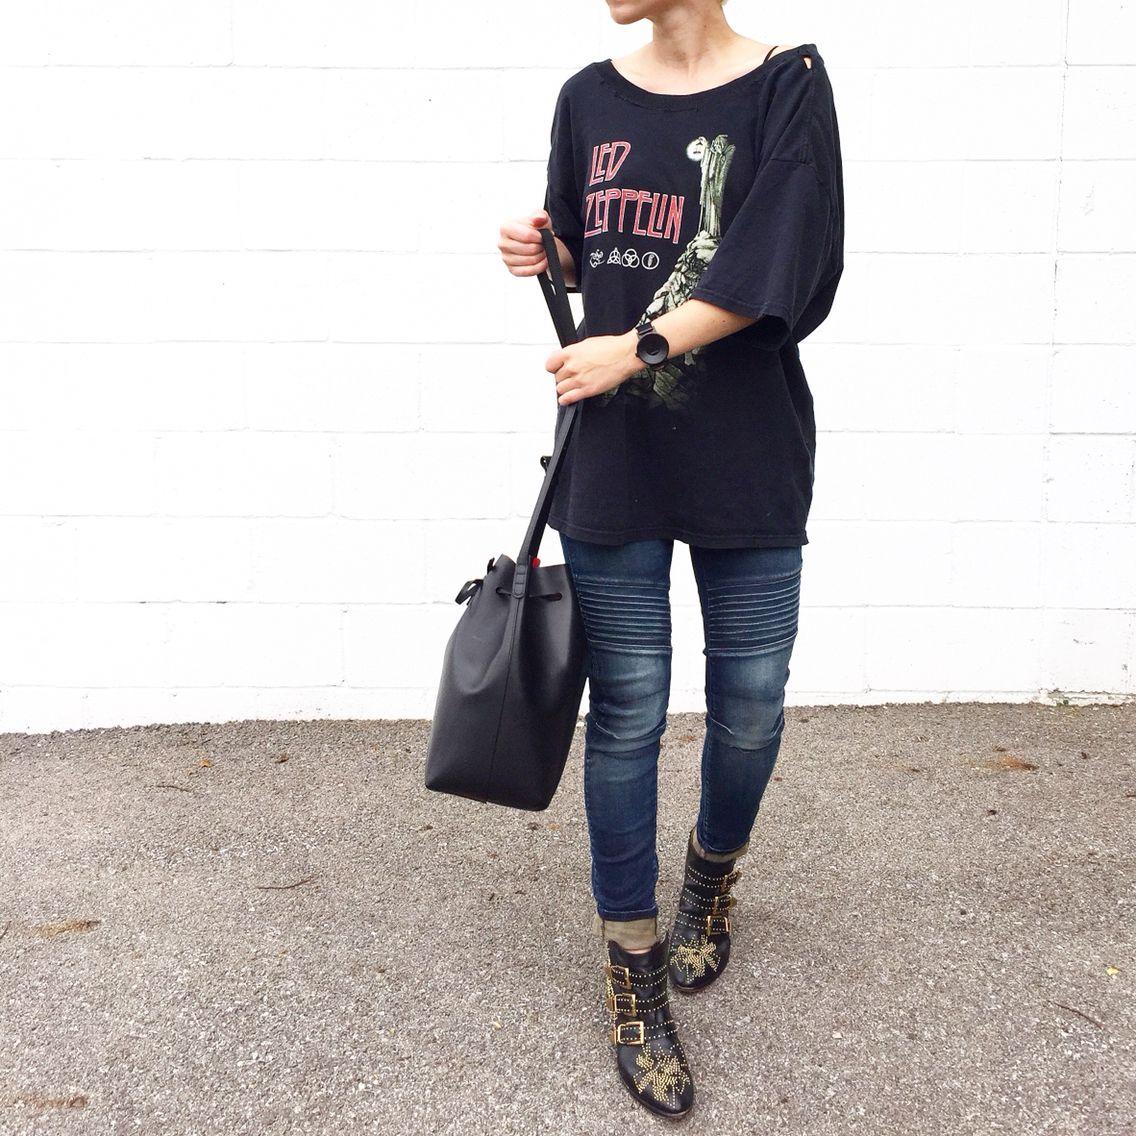 Vintage Zeppelin Shirt. Chloe Boots, Mansur Gavriel Bag. - OVRSLO